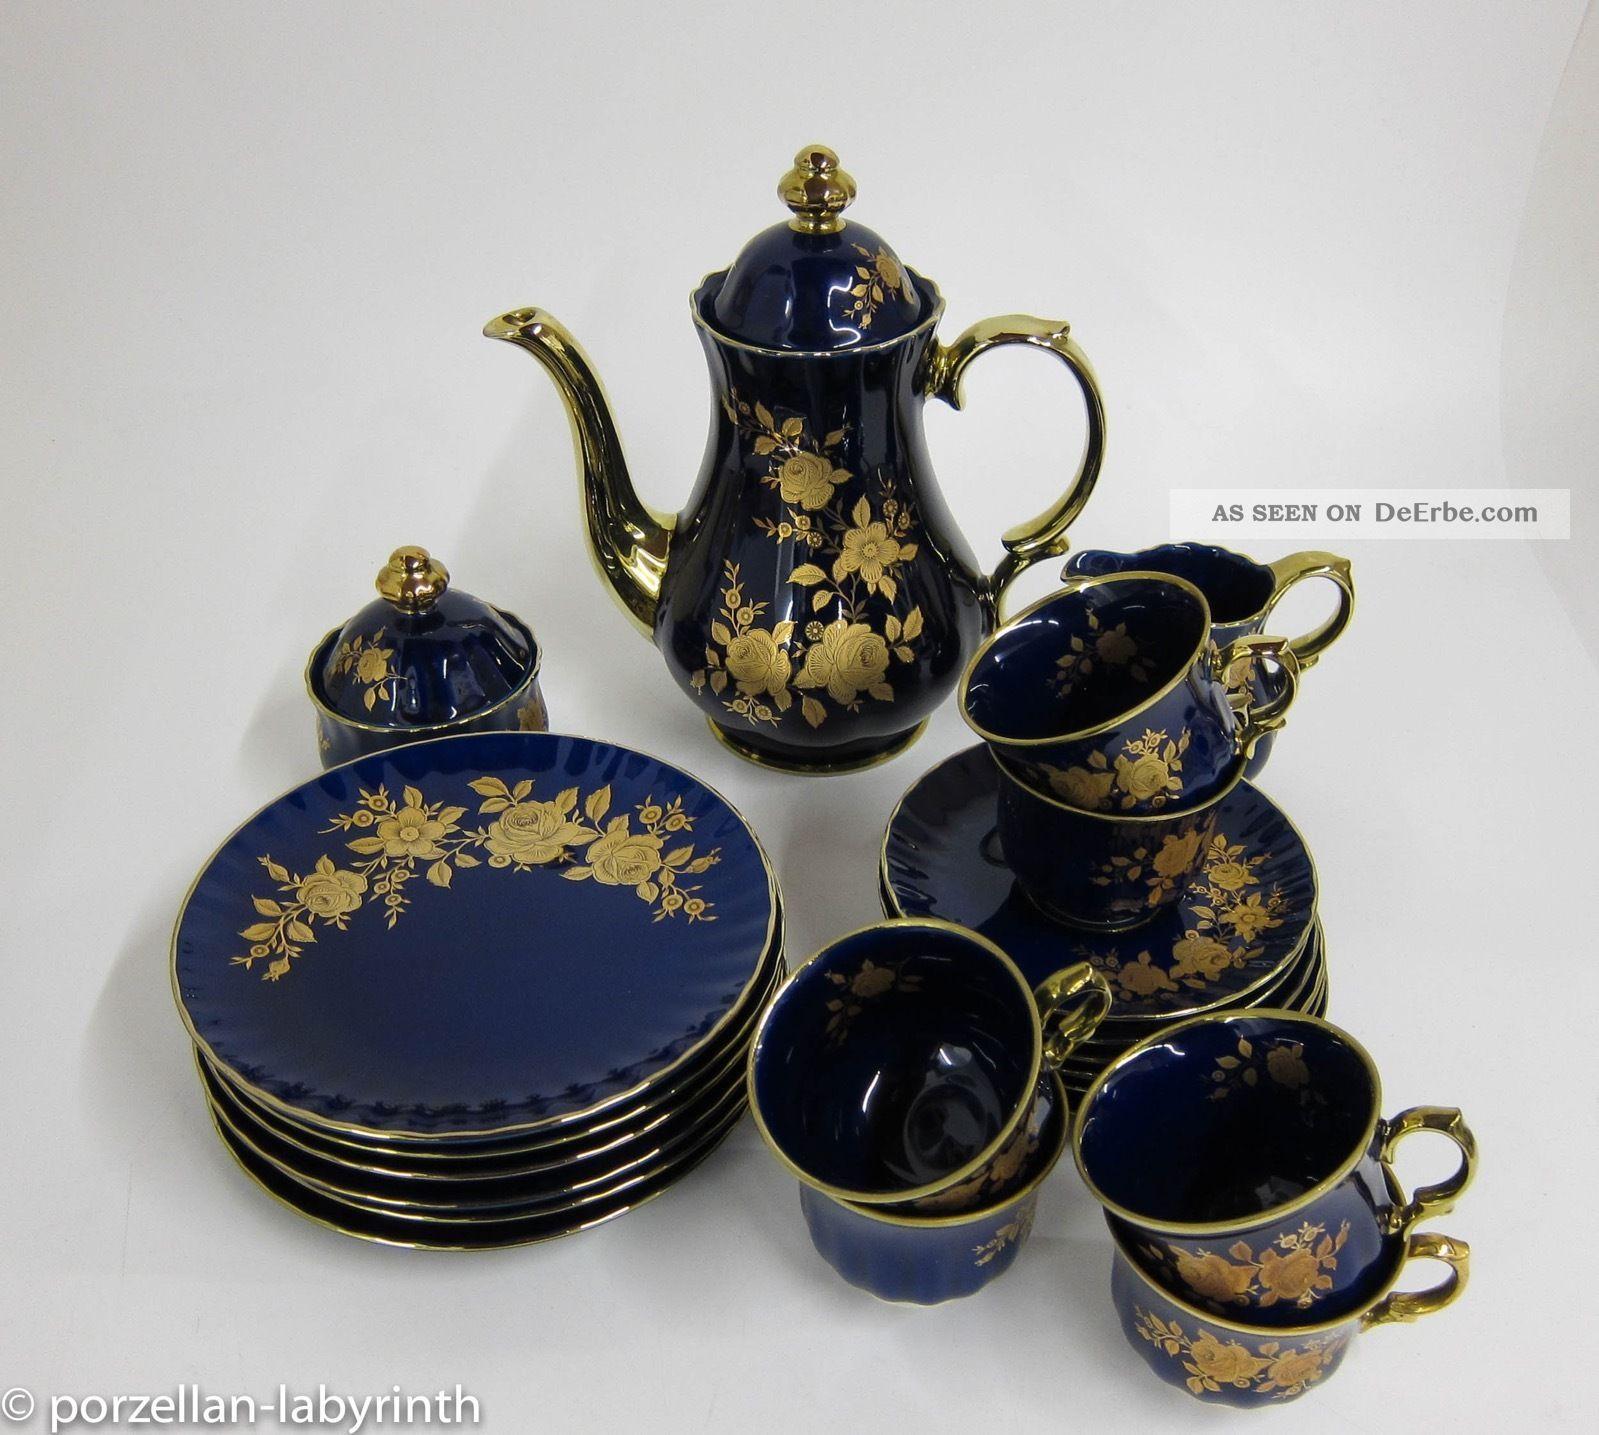 Kaffeeservice 6 Personen Wunsiedel Bavaria Porzellan Echt Kobalt Gold Kanne Nach Form & Funktion Bild